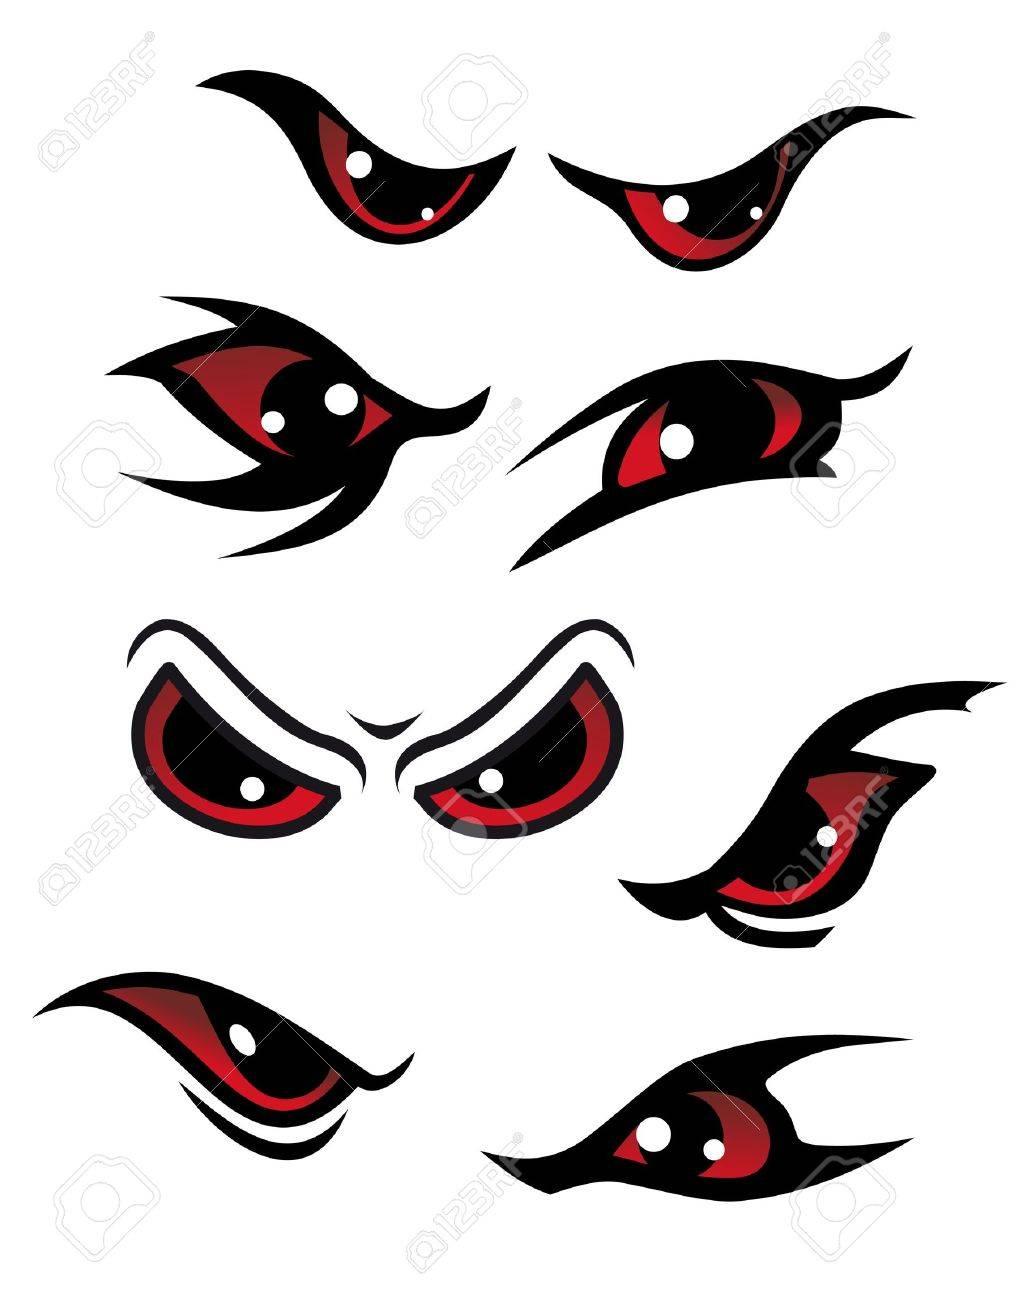 Danger yeux rouges isolé sur fond blanc pour la conception mystère